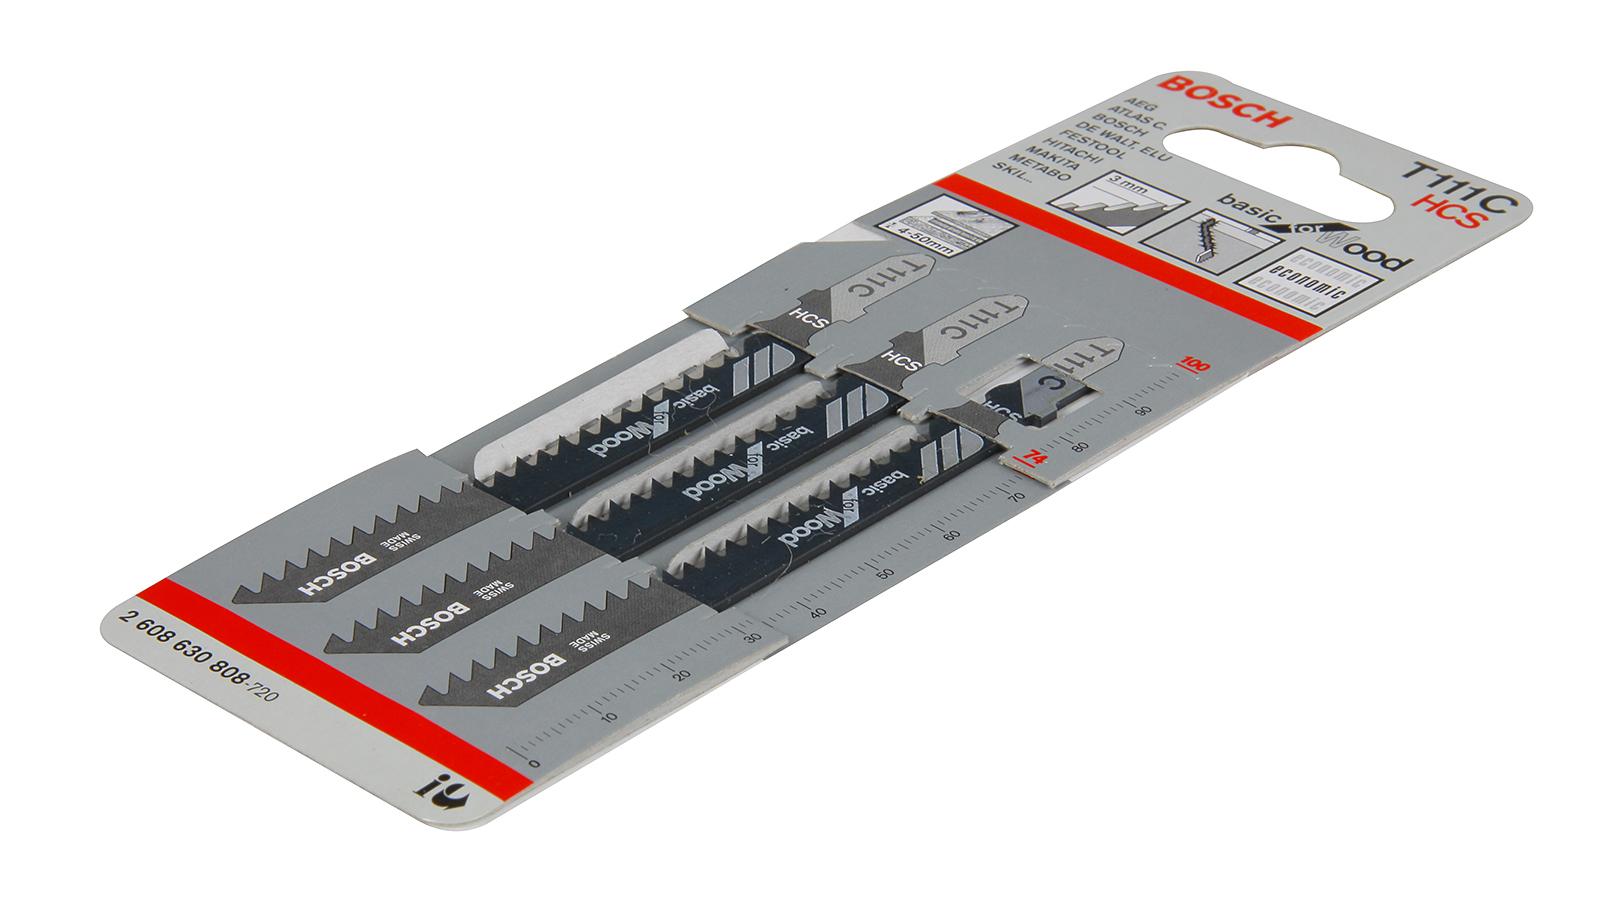 Пилки для лобзика Bosch T111c (2.608.630.808) пилки для лобзика по дереву для прямых пропилов bosch t111c 4 50 мм 5 шт